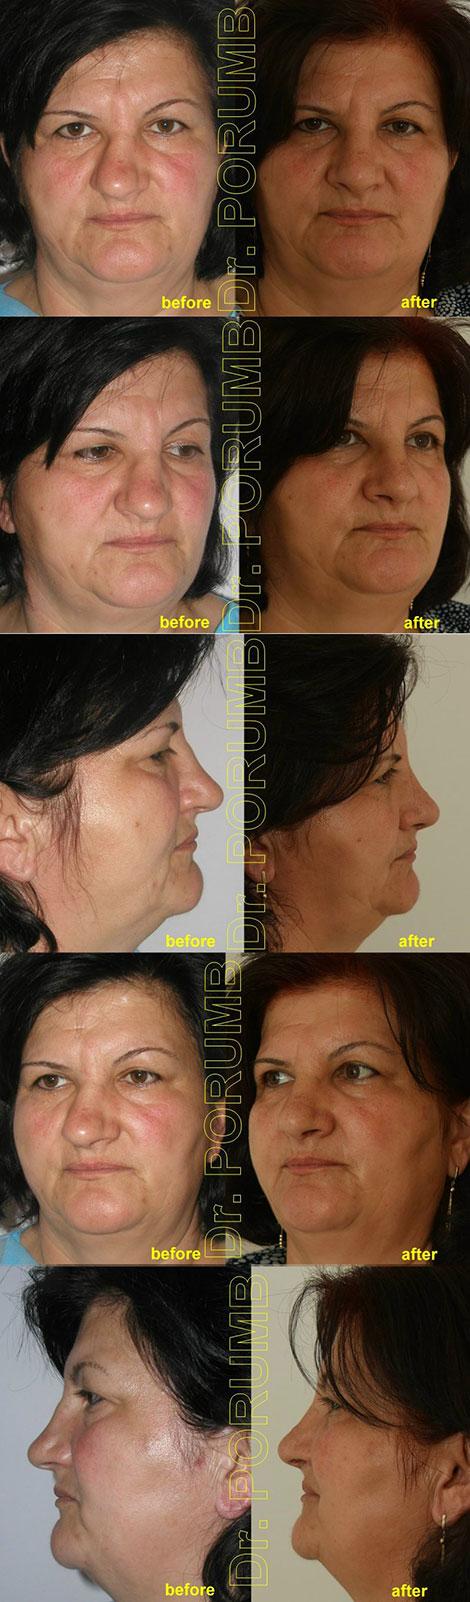 Pacienta in varsta de 52 de ani, prezentand un traumatism vechi nazal cu strambarea si infundarea nasului intr-o parte, deformarea majora a narilor, deviatie de sept si deviatie de nas (nas stramb) cu dificultati respiratorii majore